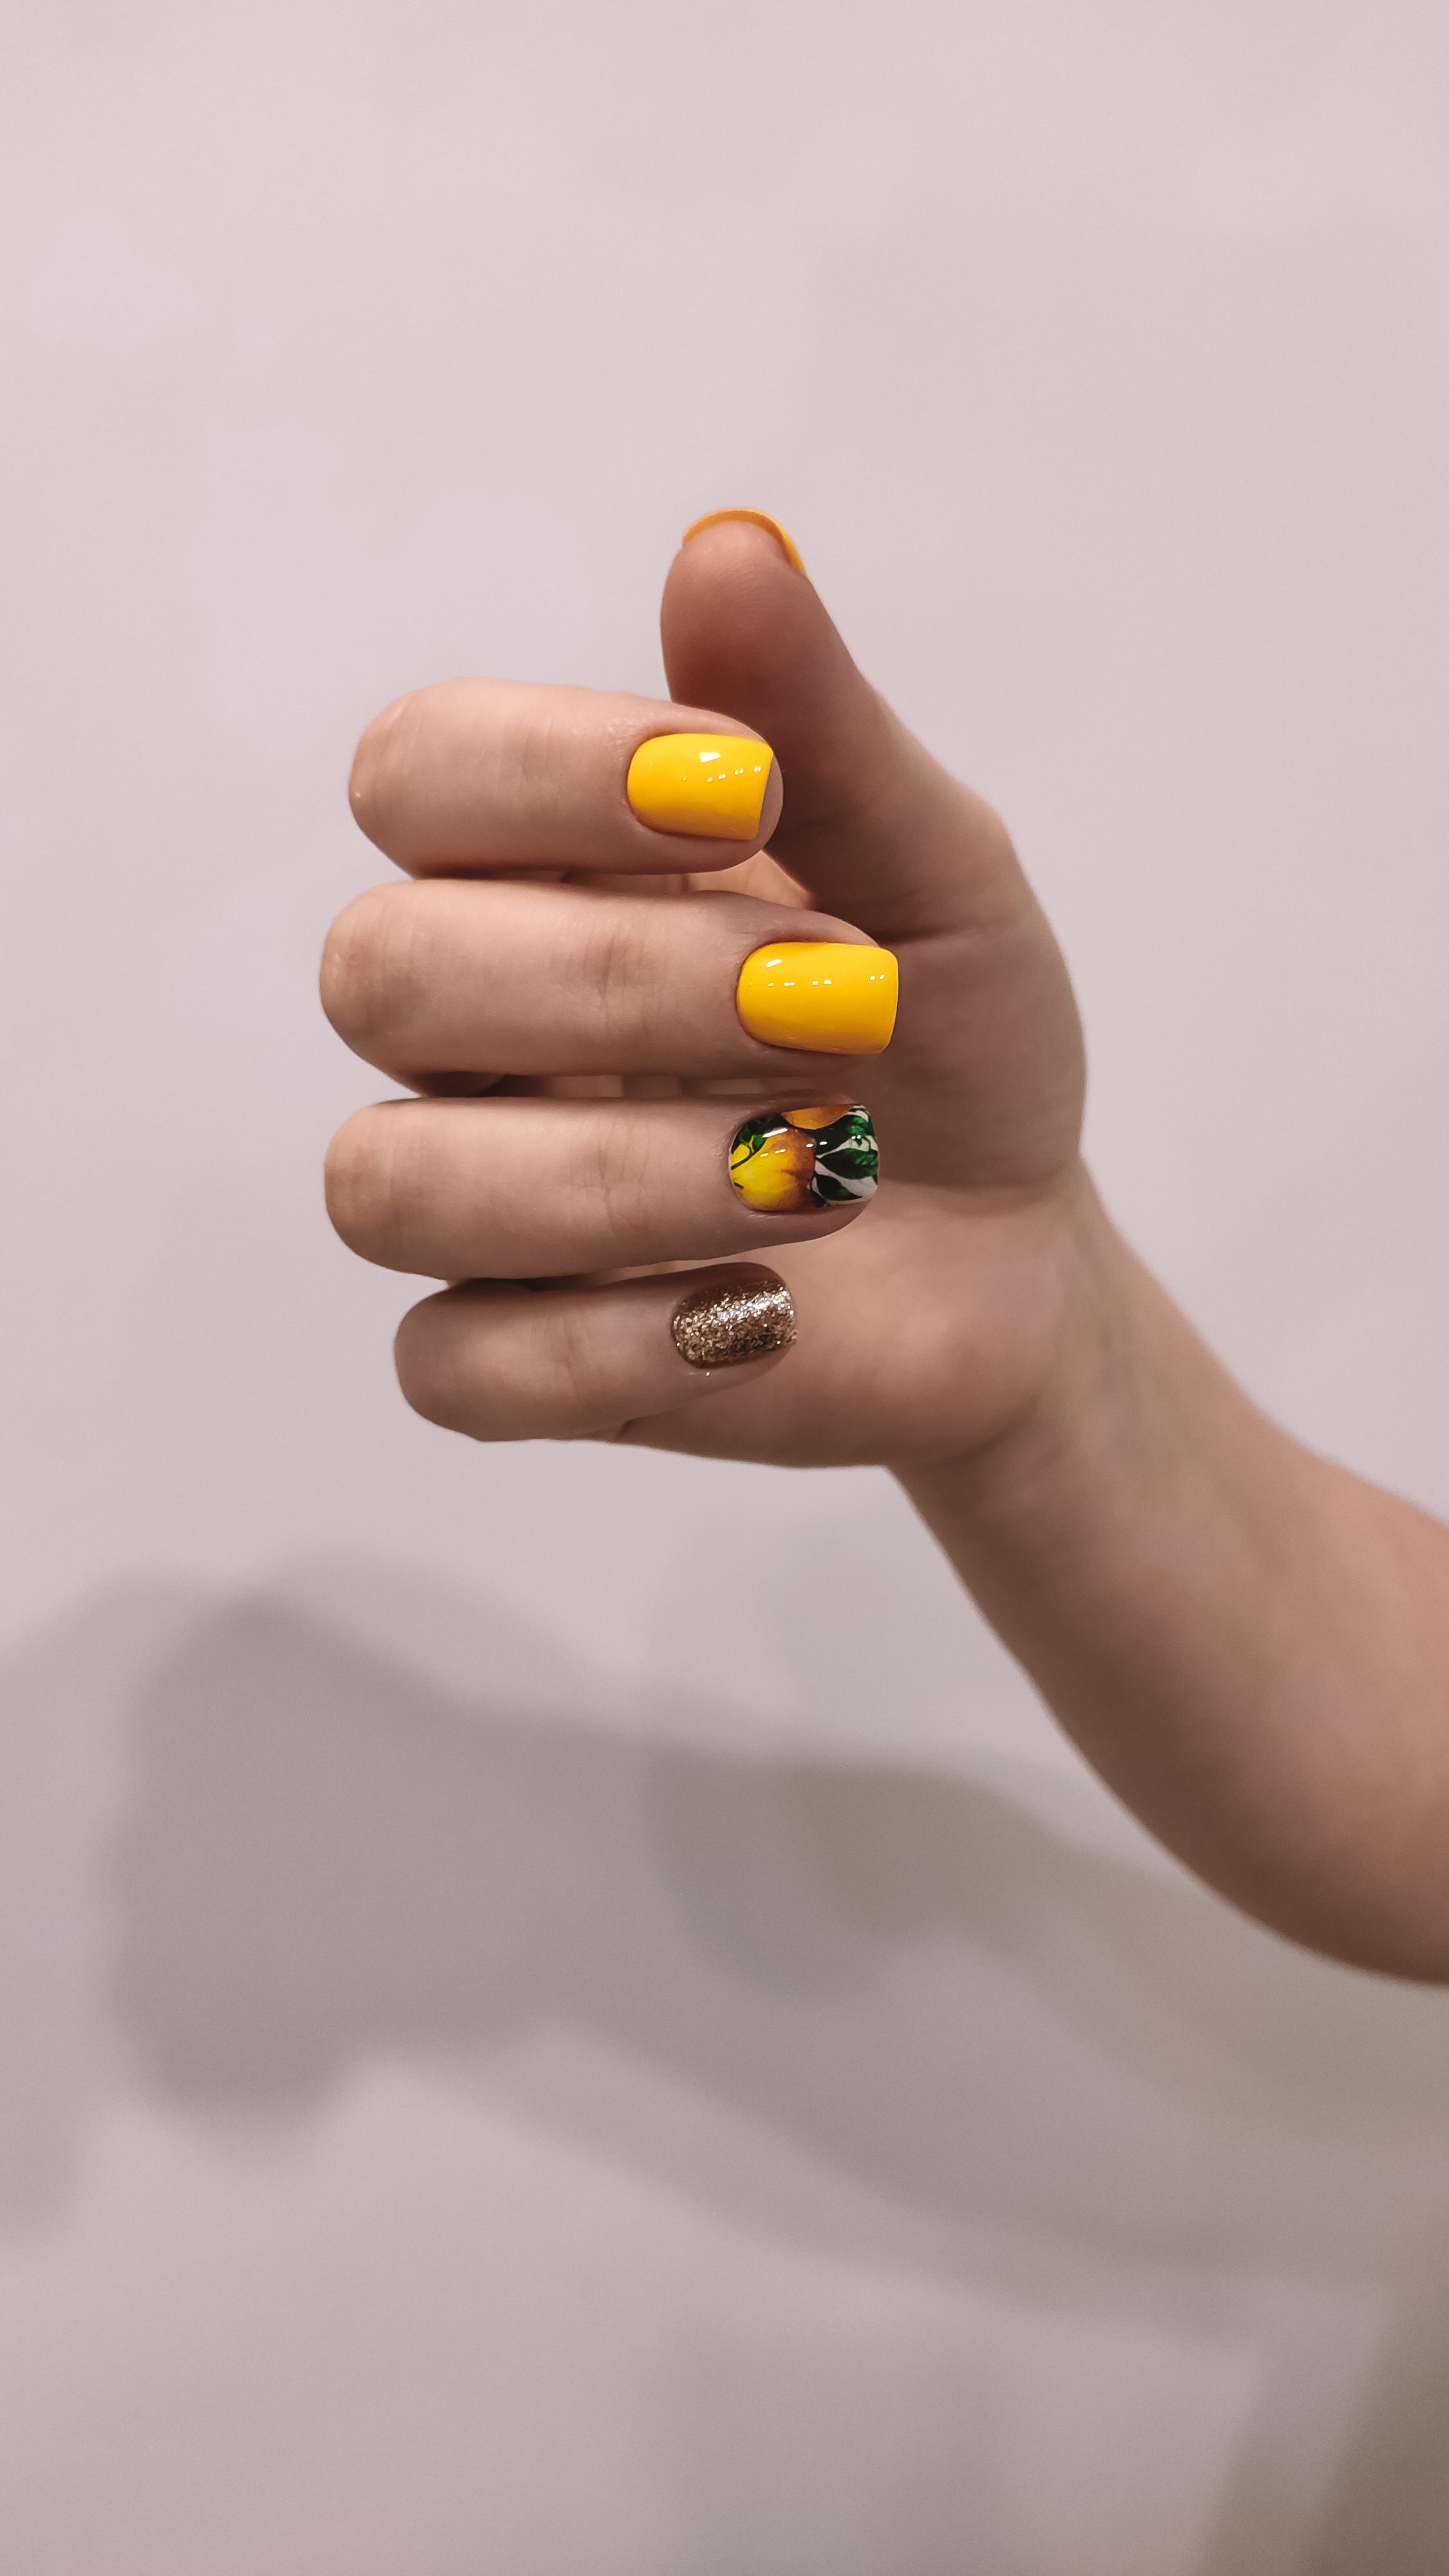 Маникюр с цветочным слайдером и золотыми блестками в желтом цвете.